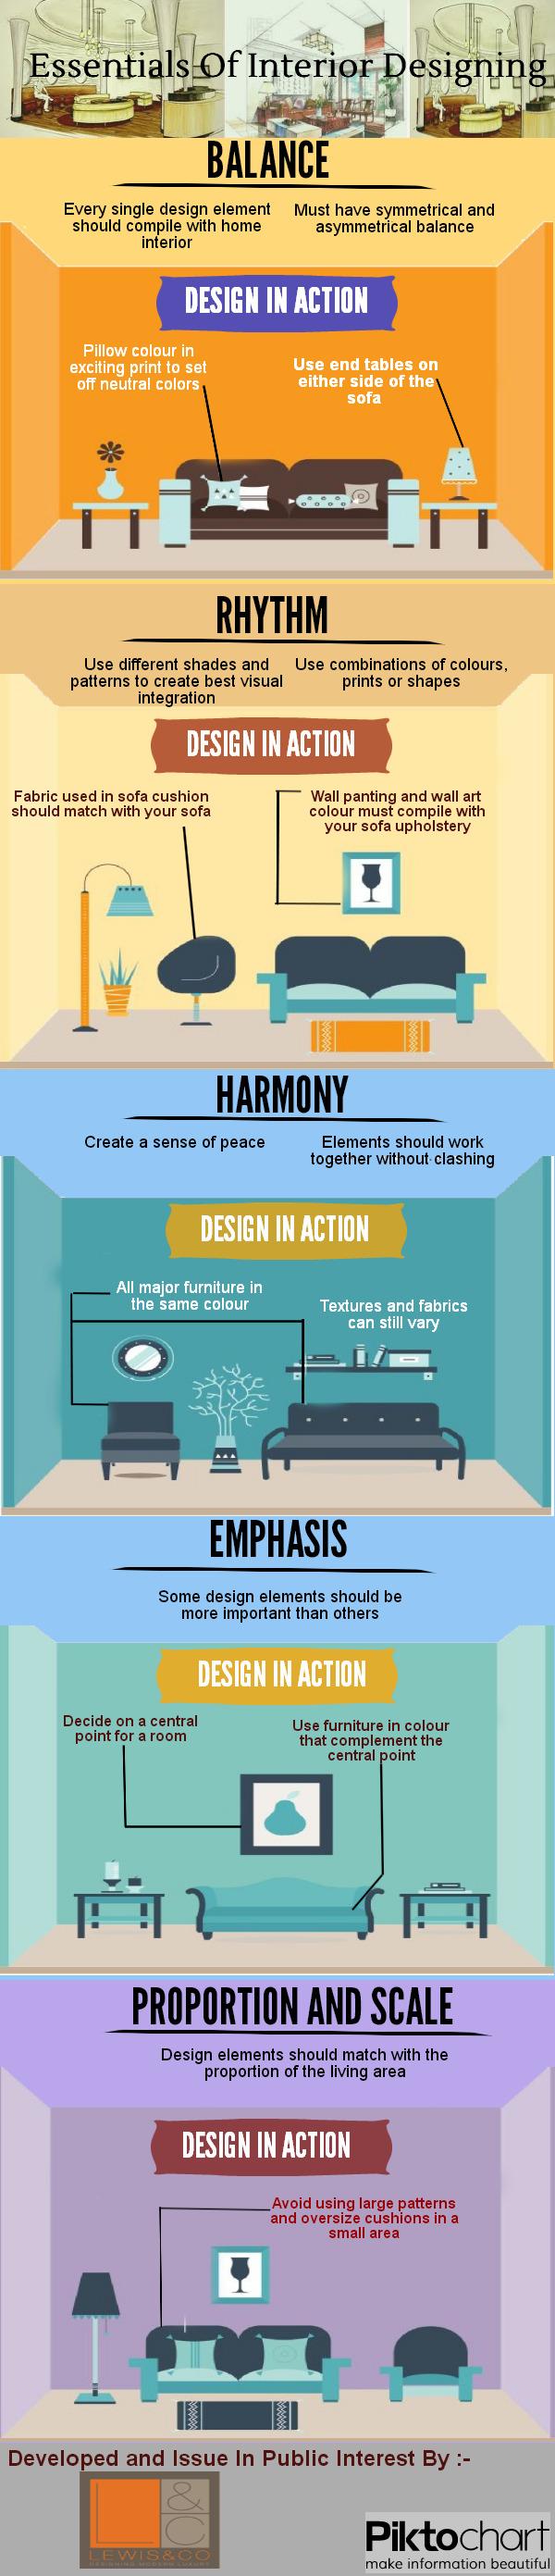 essentials-of-interior-designing_525f7f8965ccd